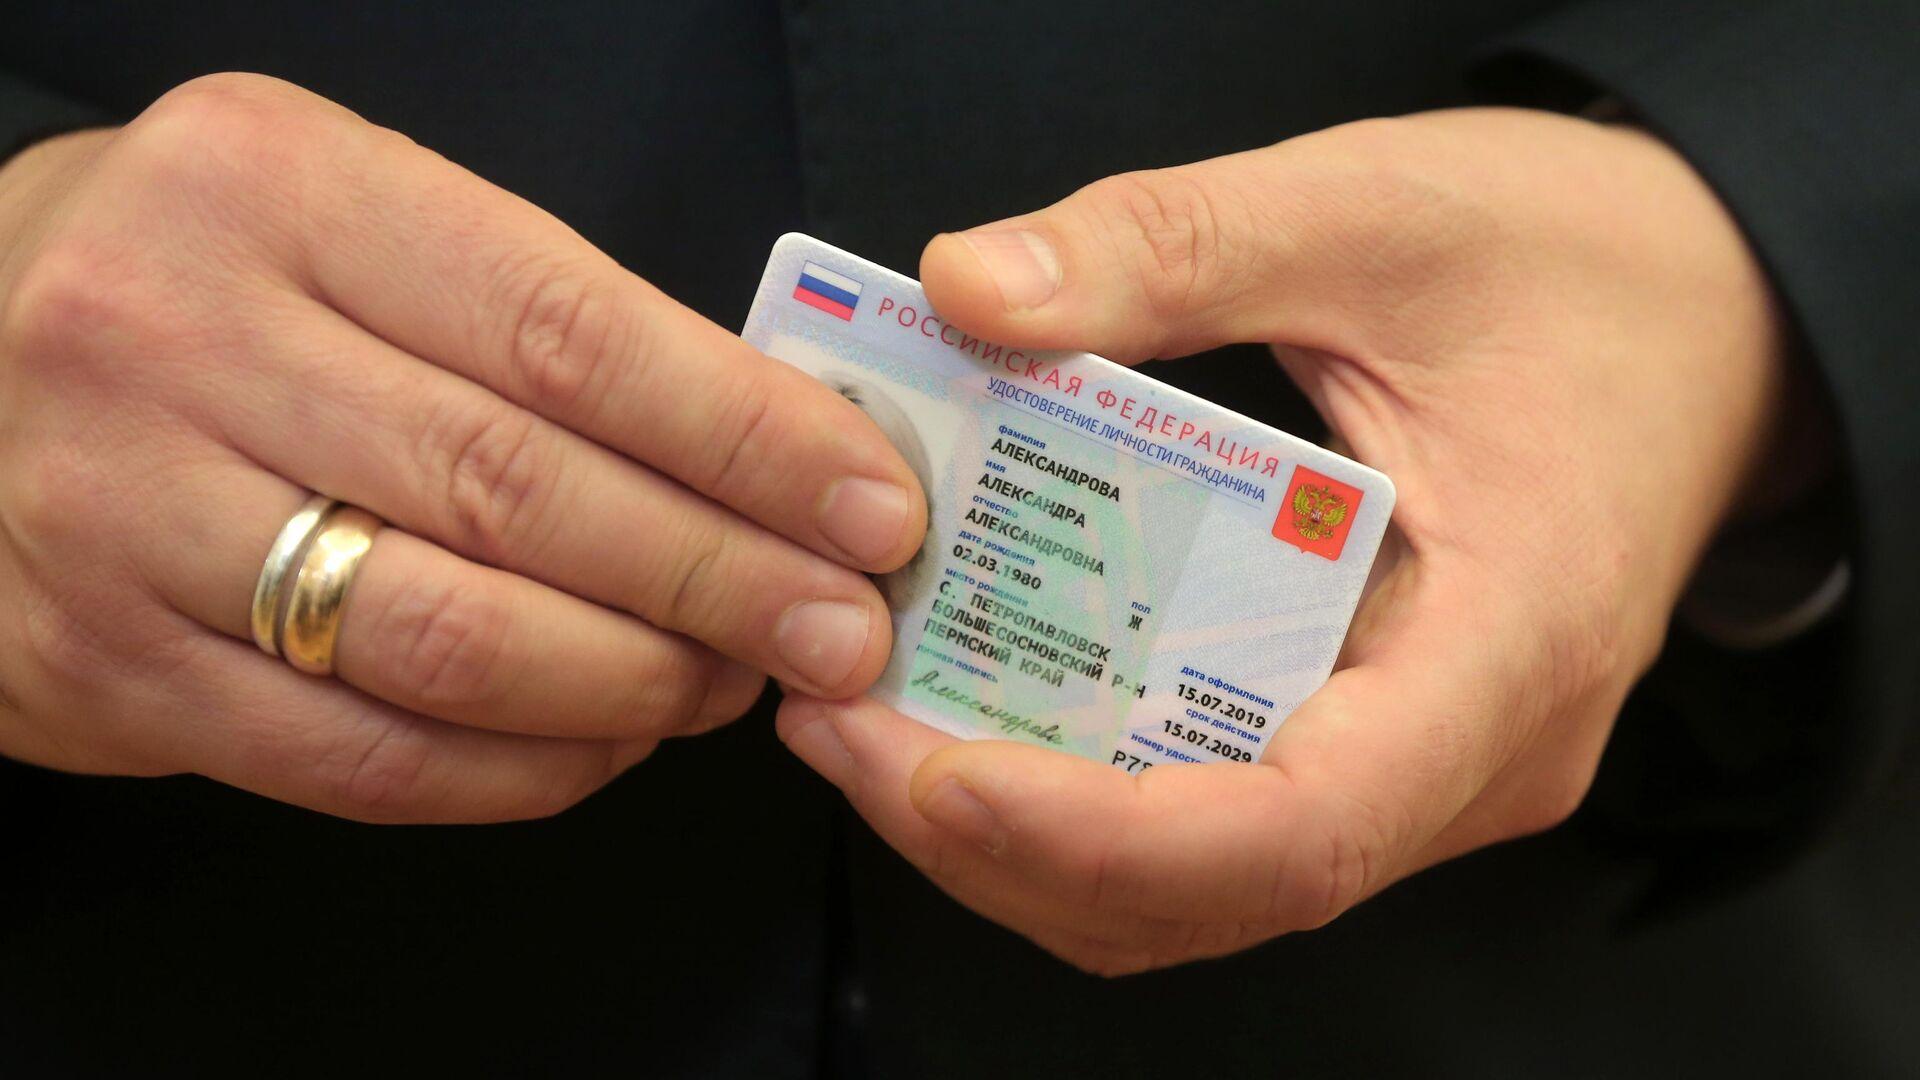 Заместитель председателя правительства РФ Максим Акимов демонстрирует образец электронного паспорта  - РИА Новости, 1920, 05.04.2021